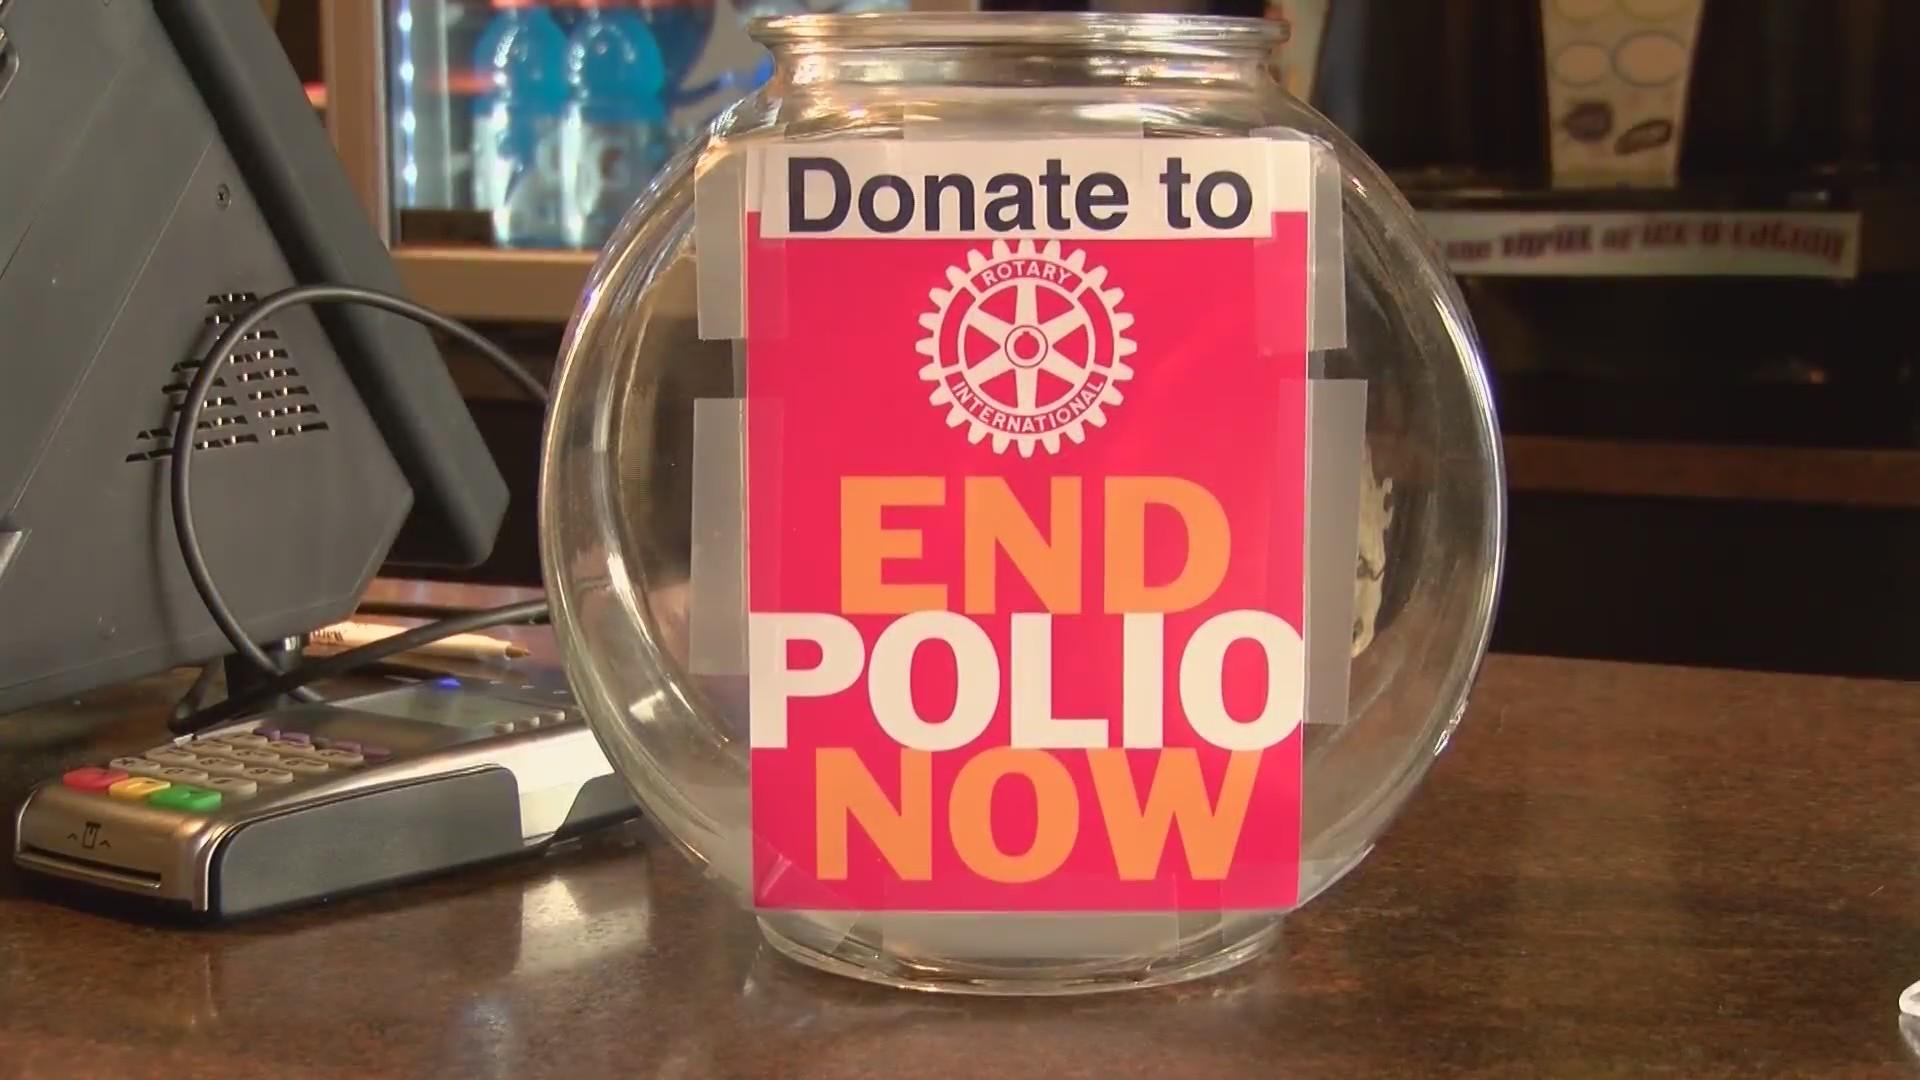 Polio_0_20181025021056